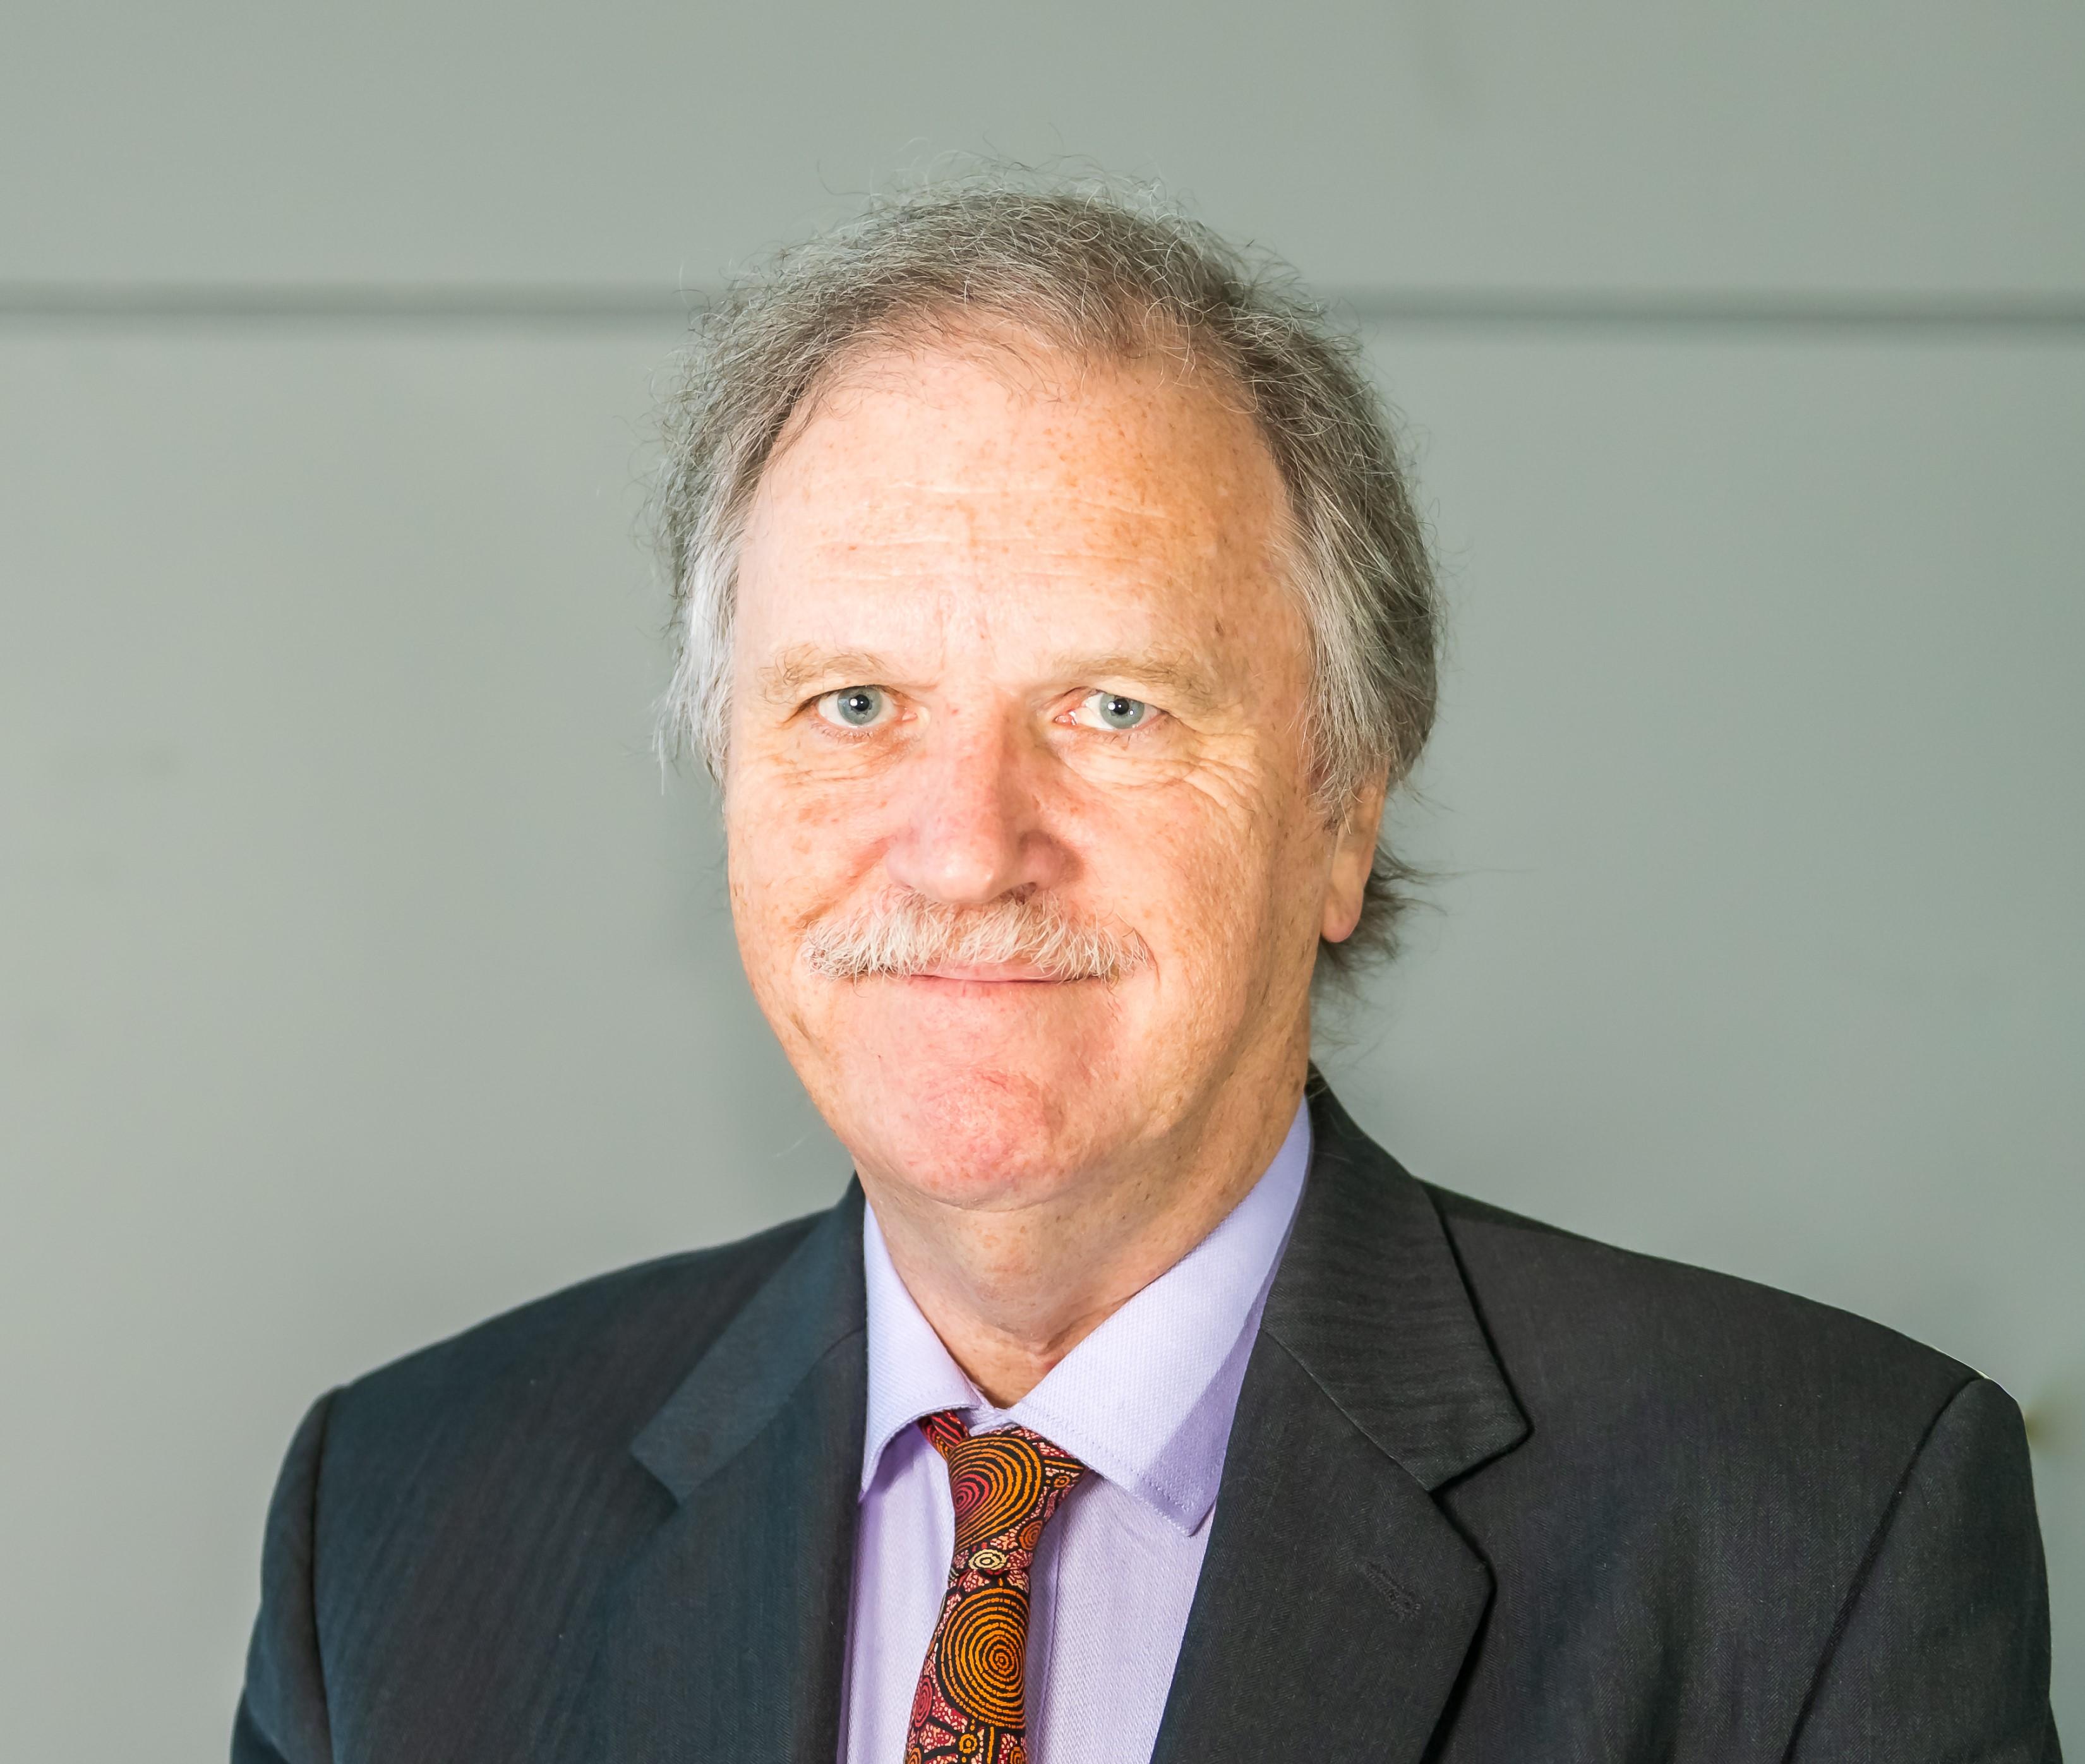 Scientia Professor Mark Fort Harris